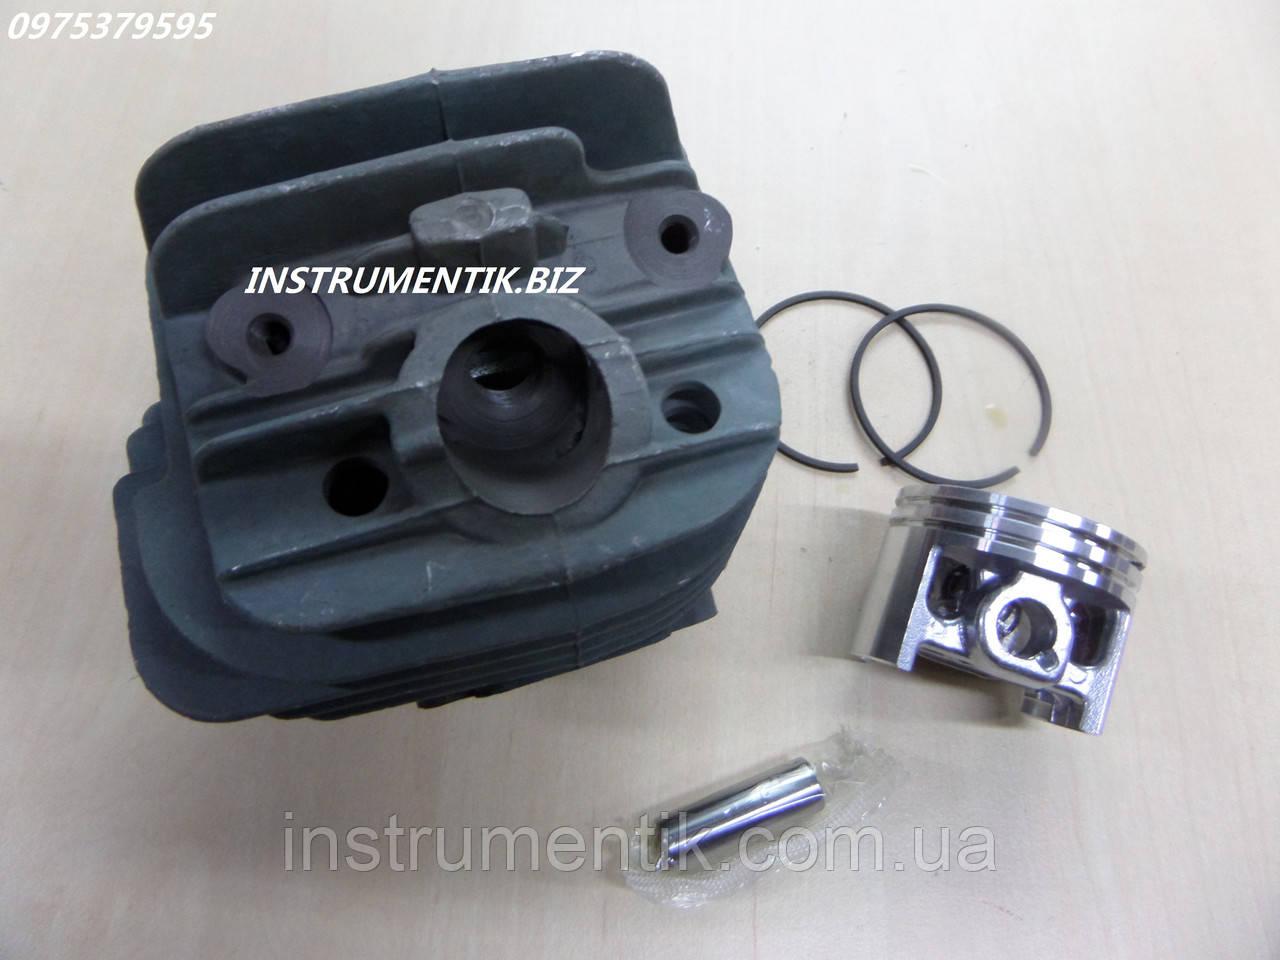 Цилиндр с поршнем для Stihl MS 240, MS 260 Winzor NIKASIL